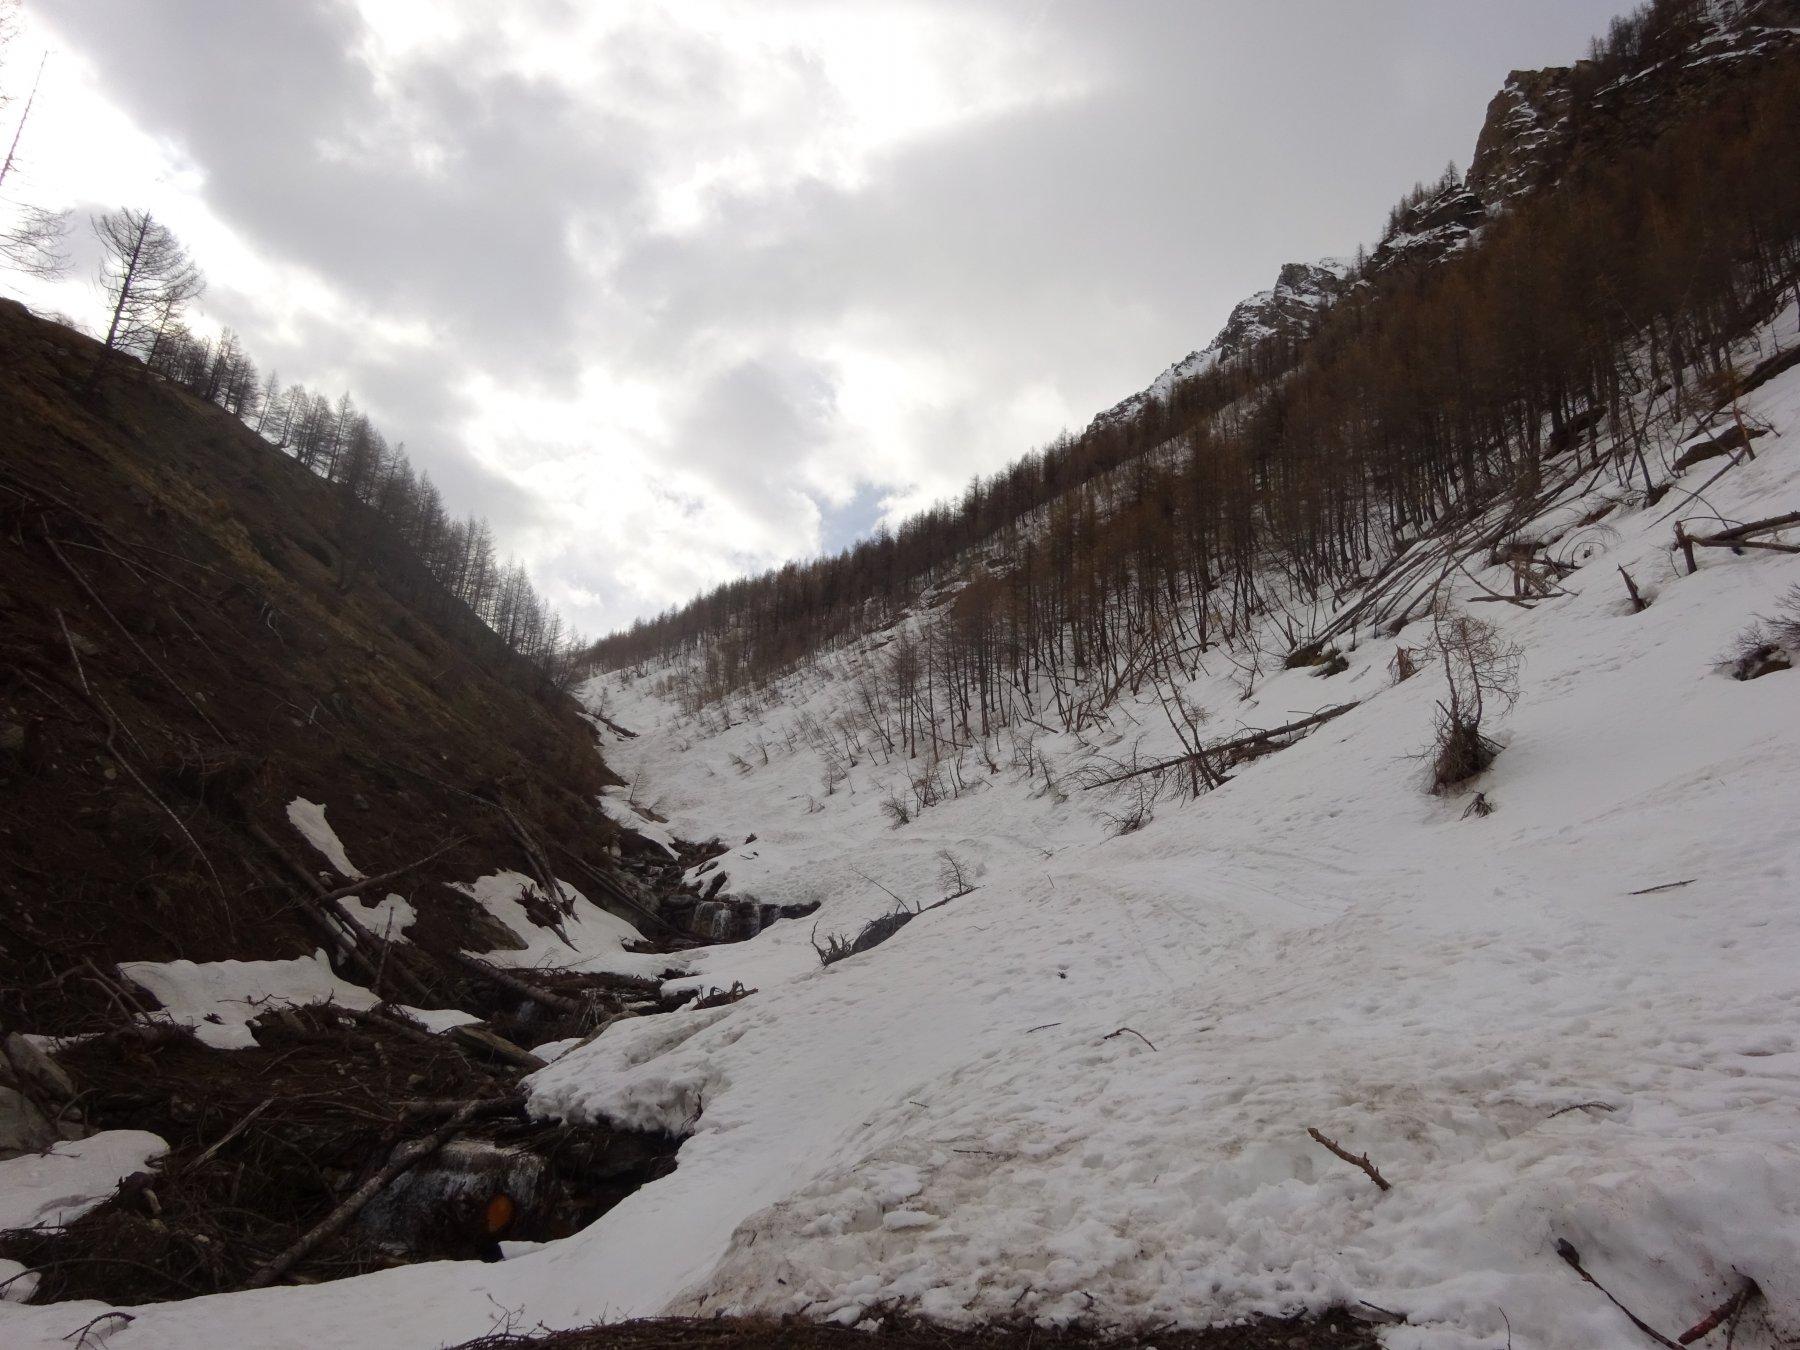 Partenza sci ai piedi dal ponte sul Rio Almiane